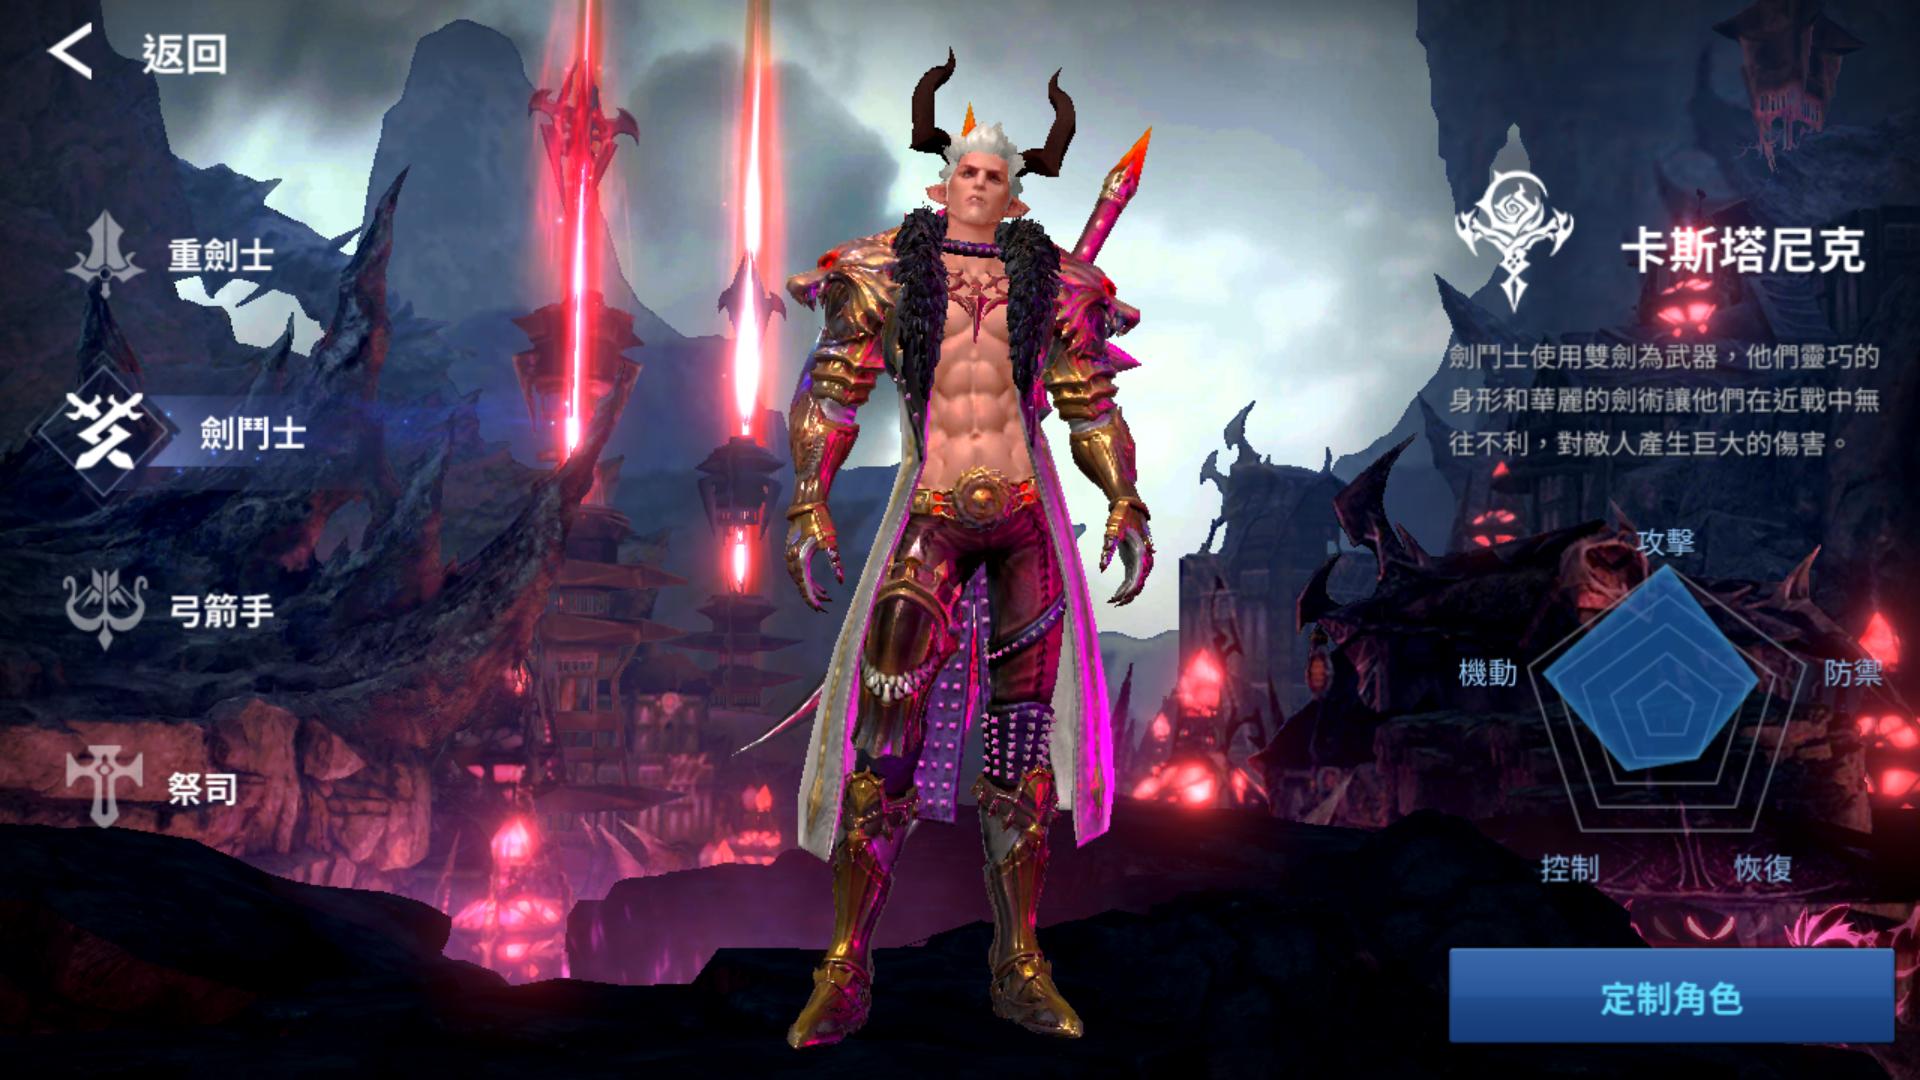 手持雙劍的「劍鬥士」具備極高的行動力與暴擊